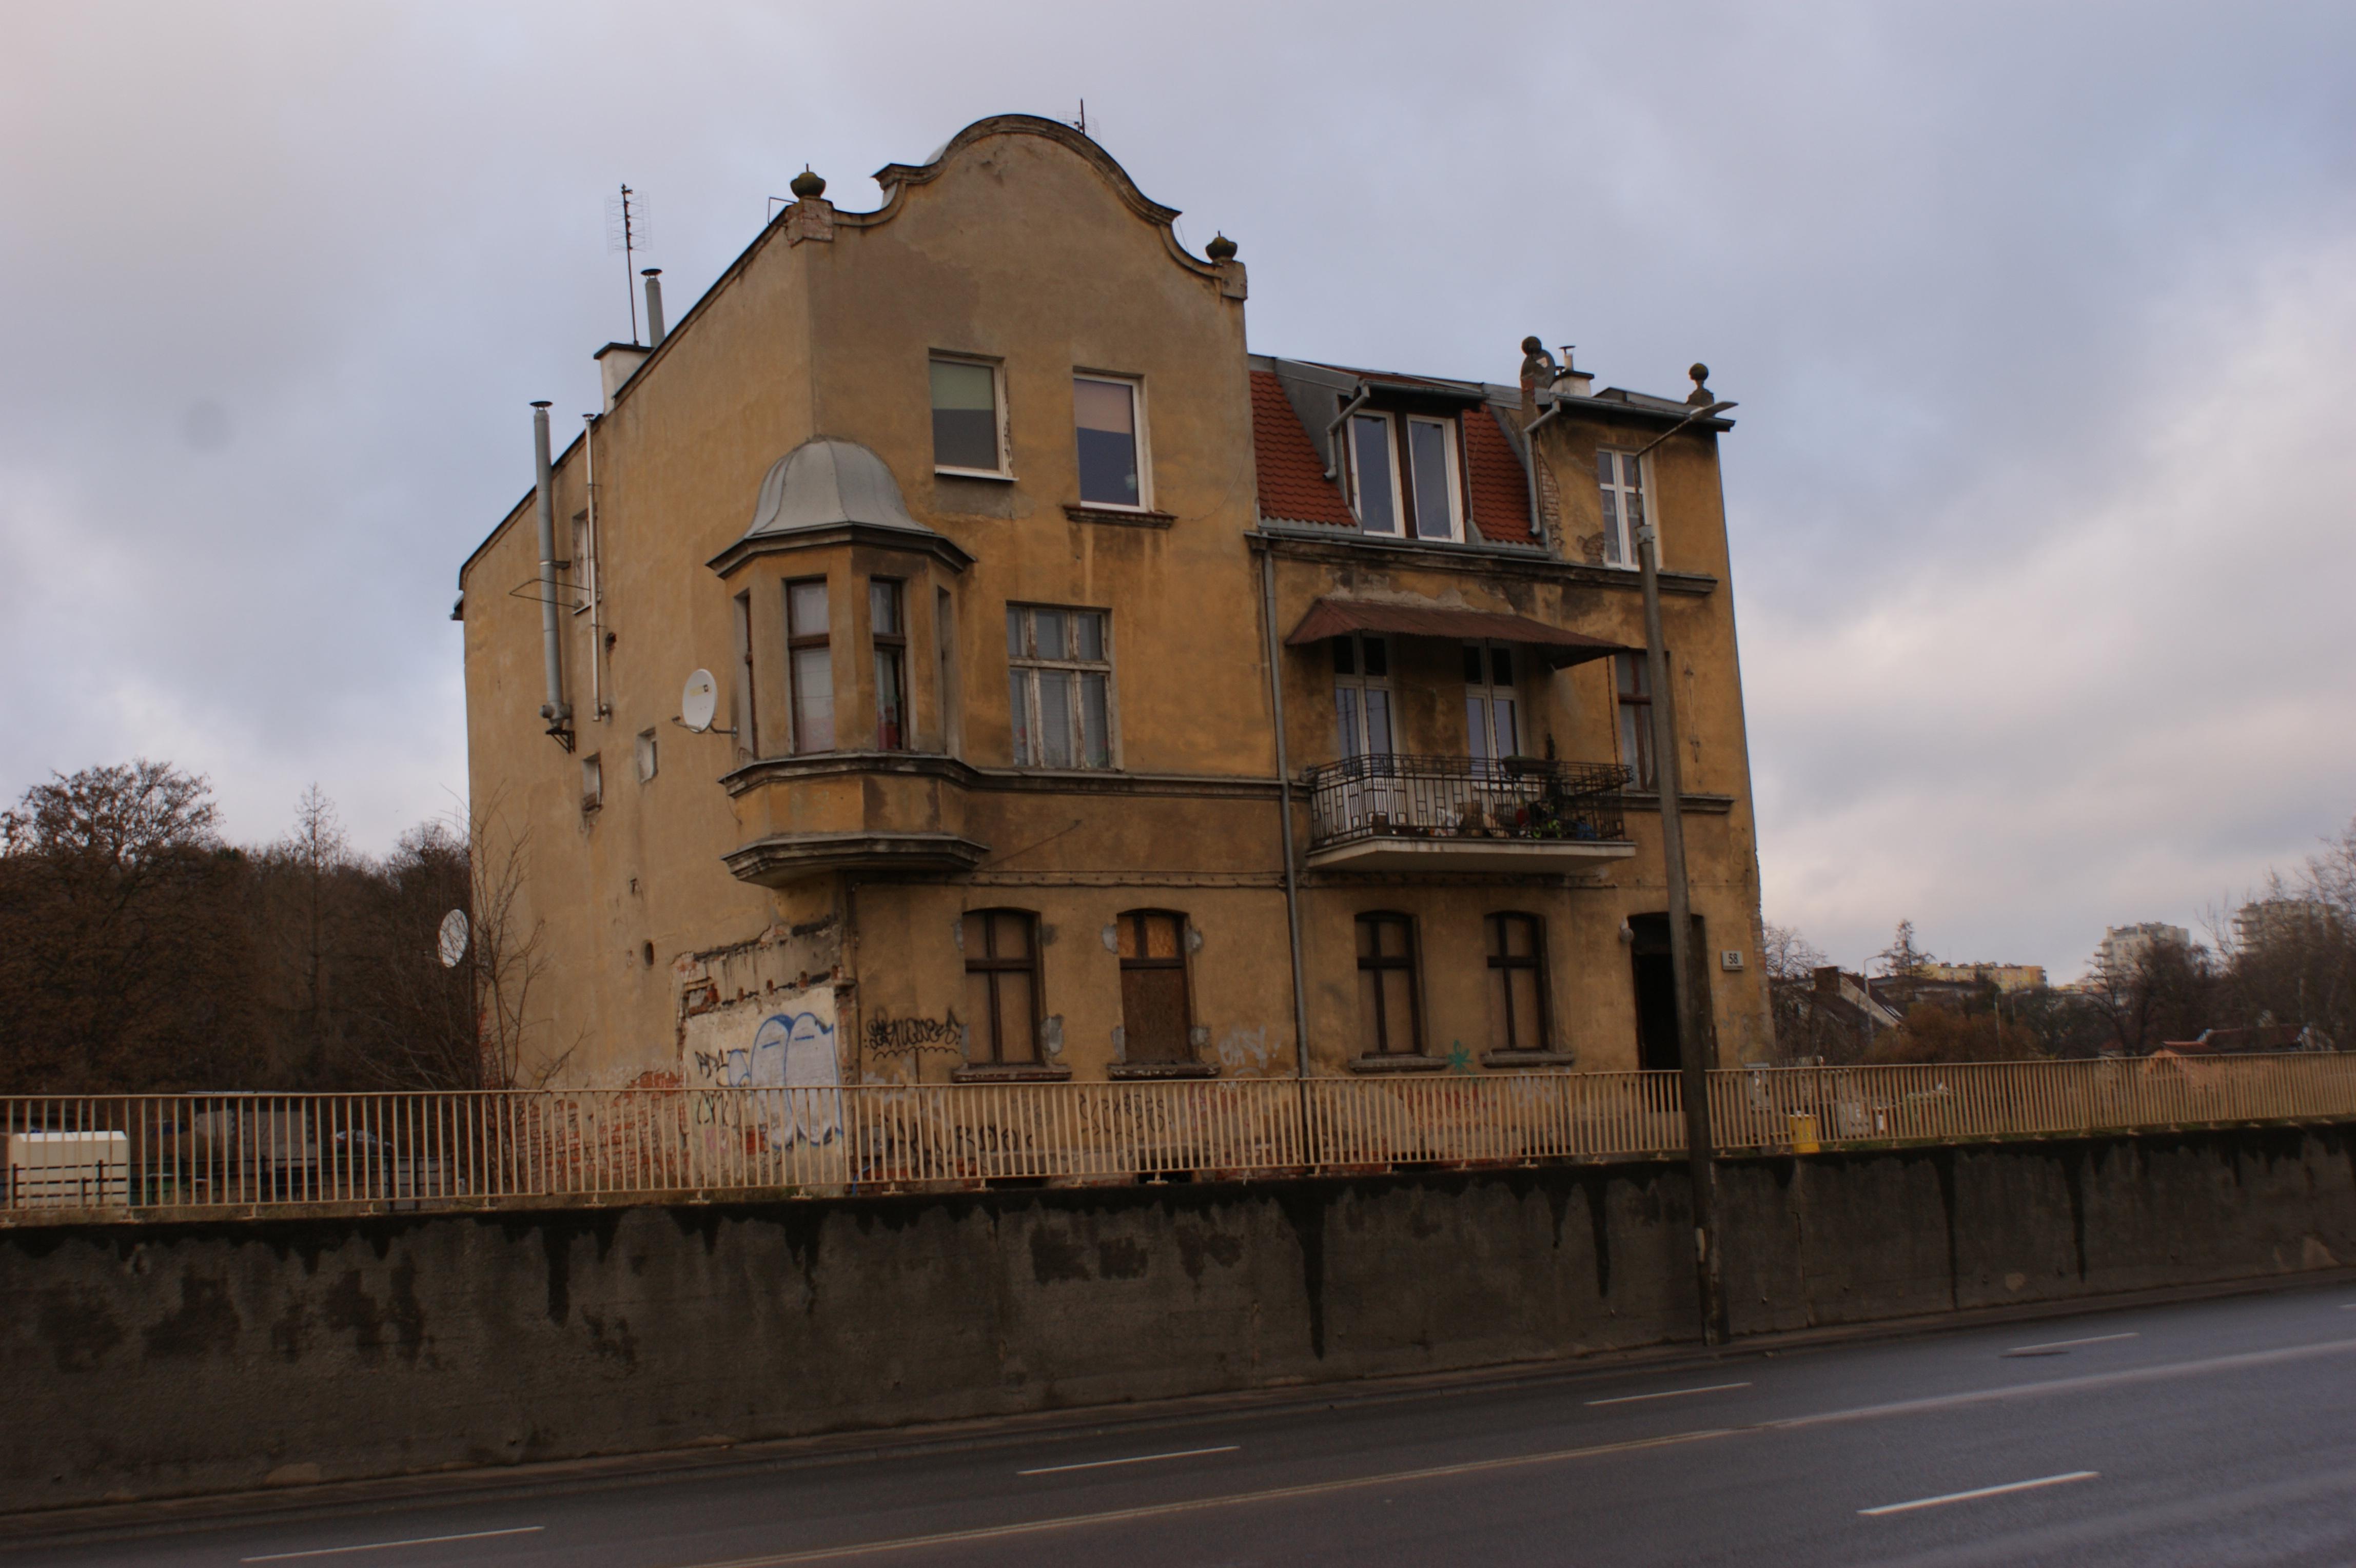 Realizacja remontu budynku przy ulicy Trakt Świętego Wojciecha 58